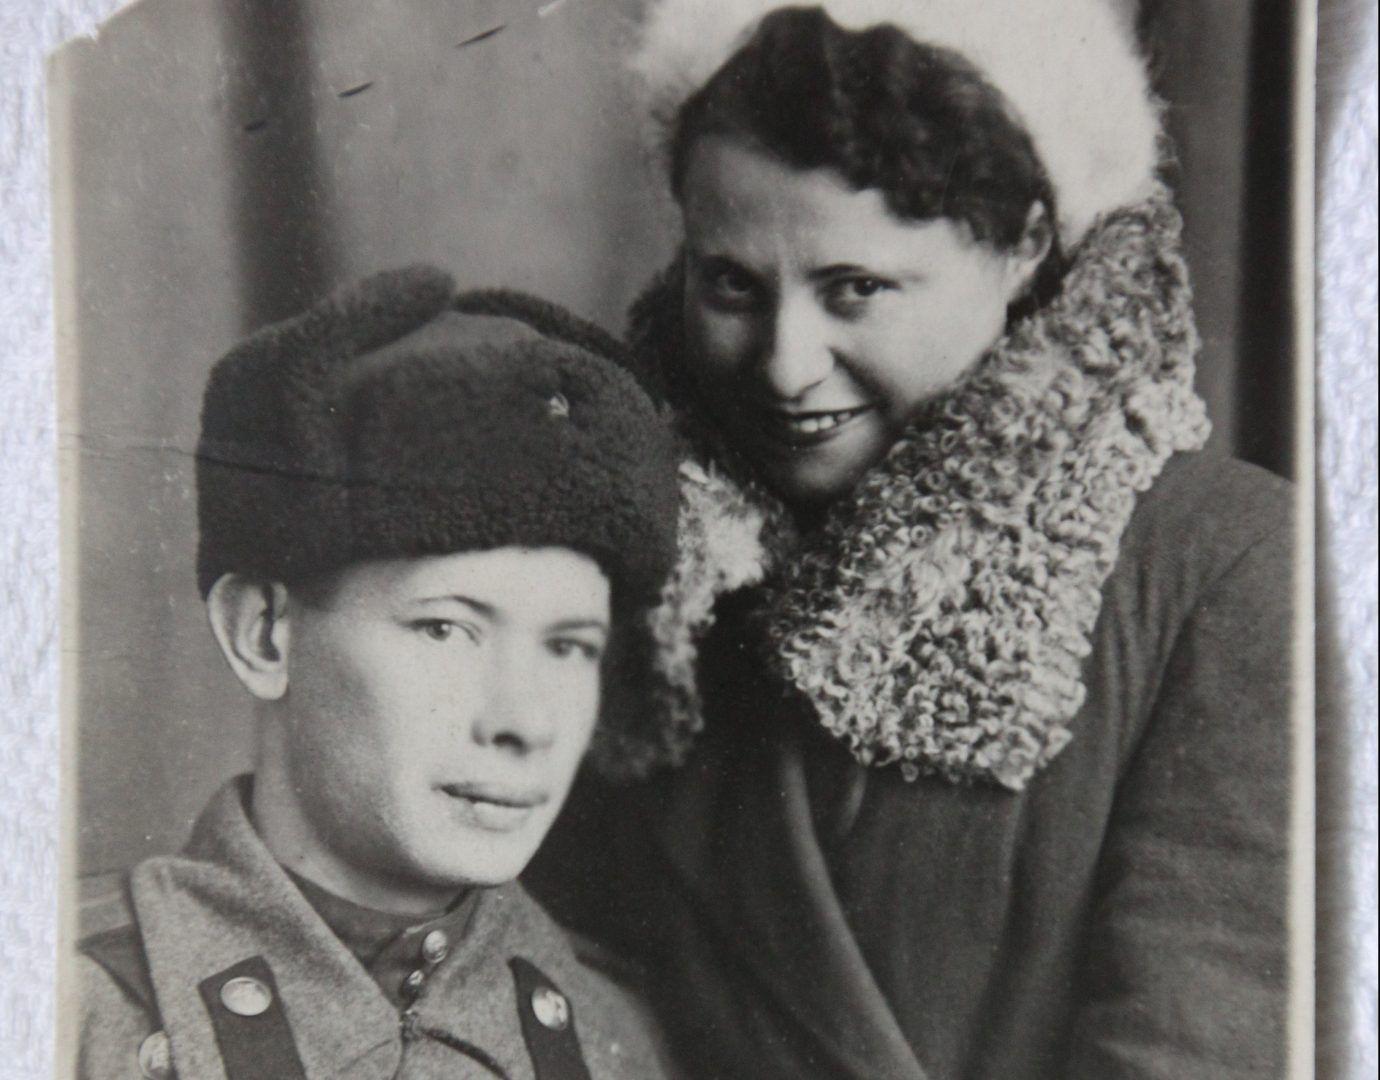 Женщина познакомилась со своим будущим мужем Михаилом Борисовым в 1941-м. Вместе они прошли всю Великую Отечественную войну. Фото из личного архива